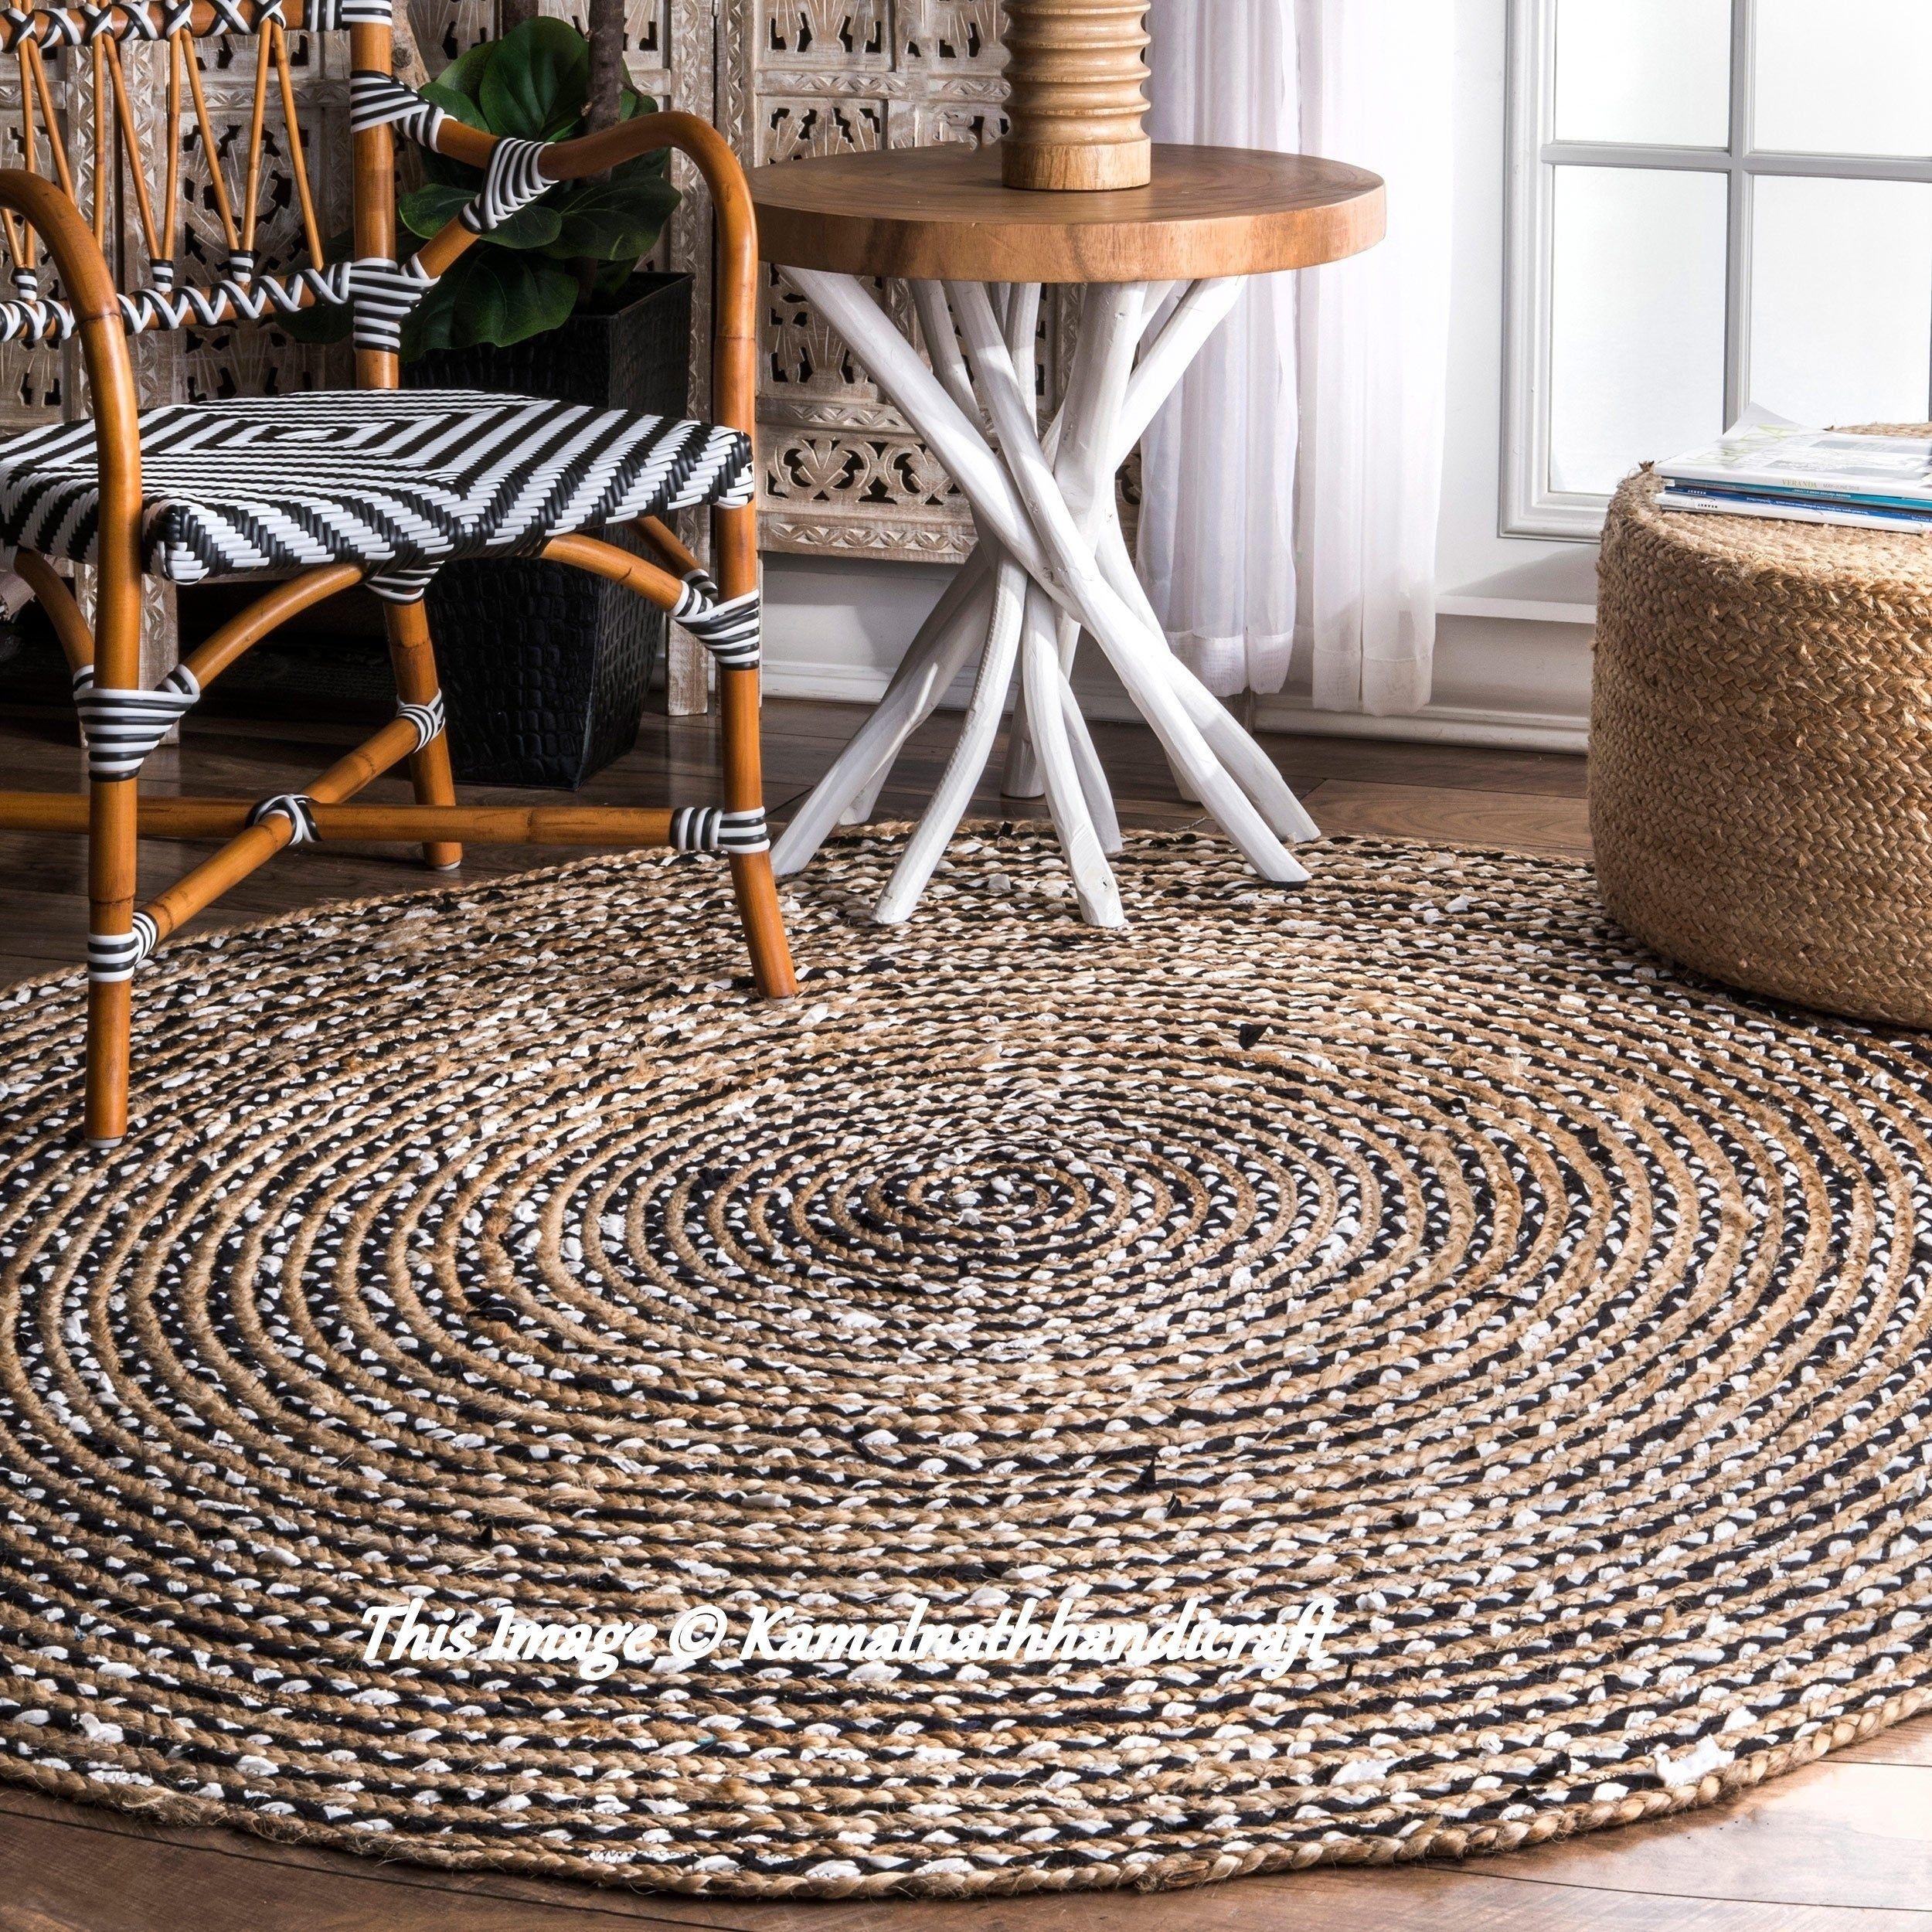 Indian Braided Rug Floor Rug Handmade Jute Rug, Natural